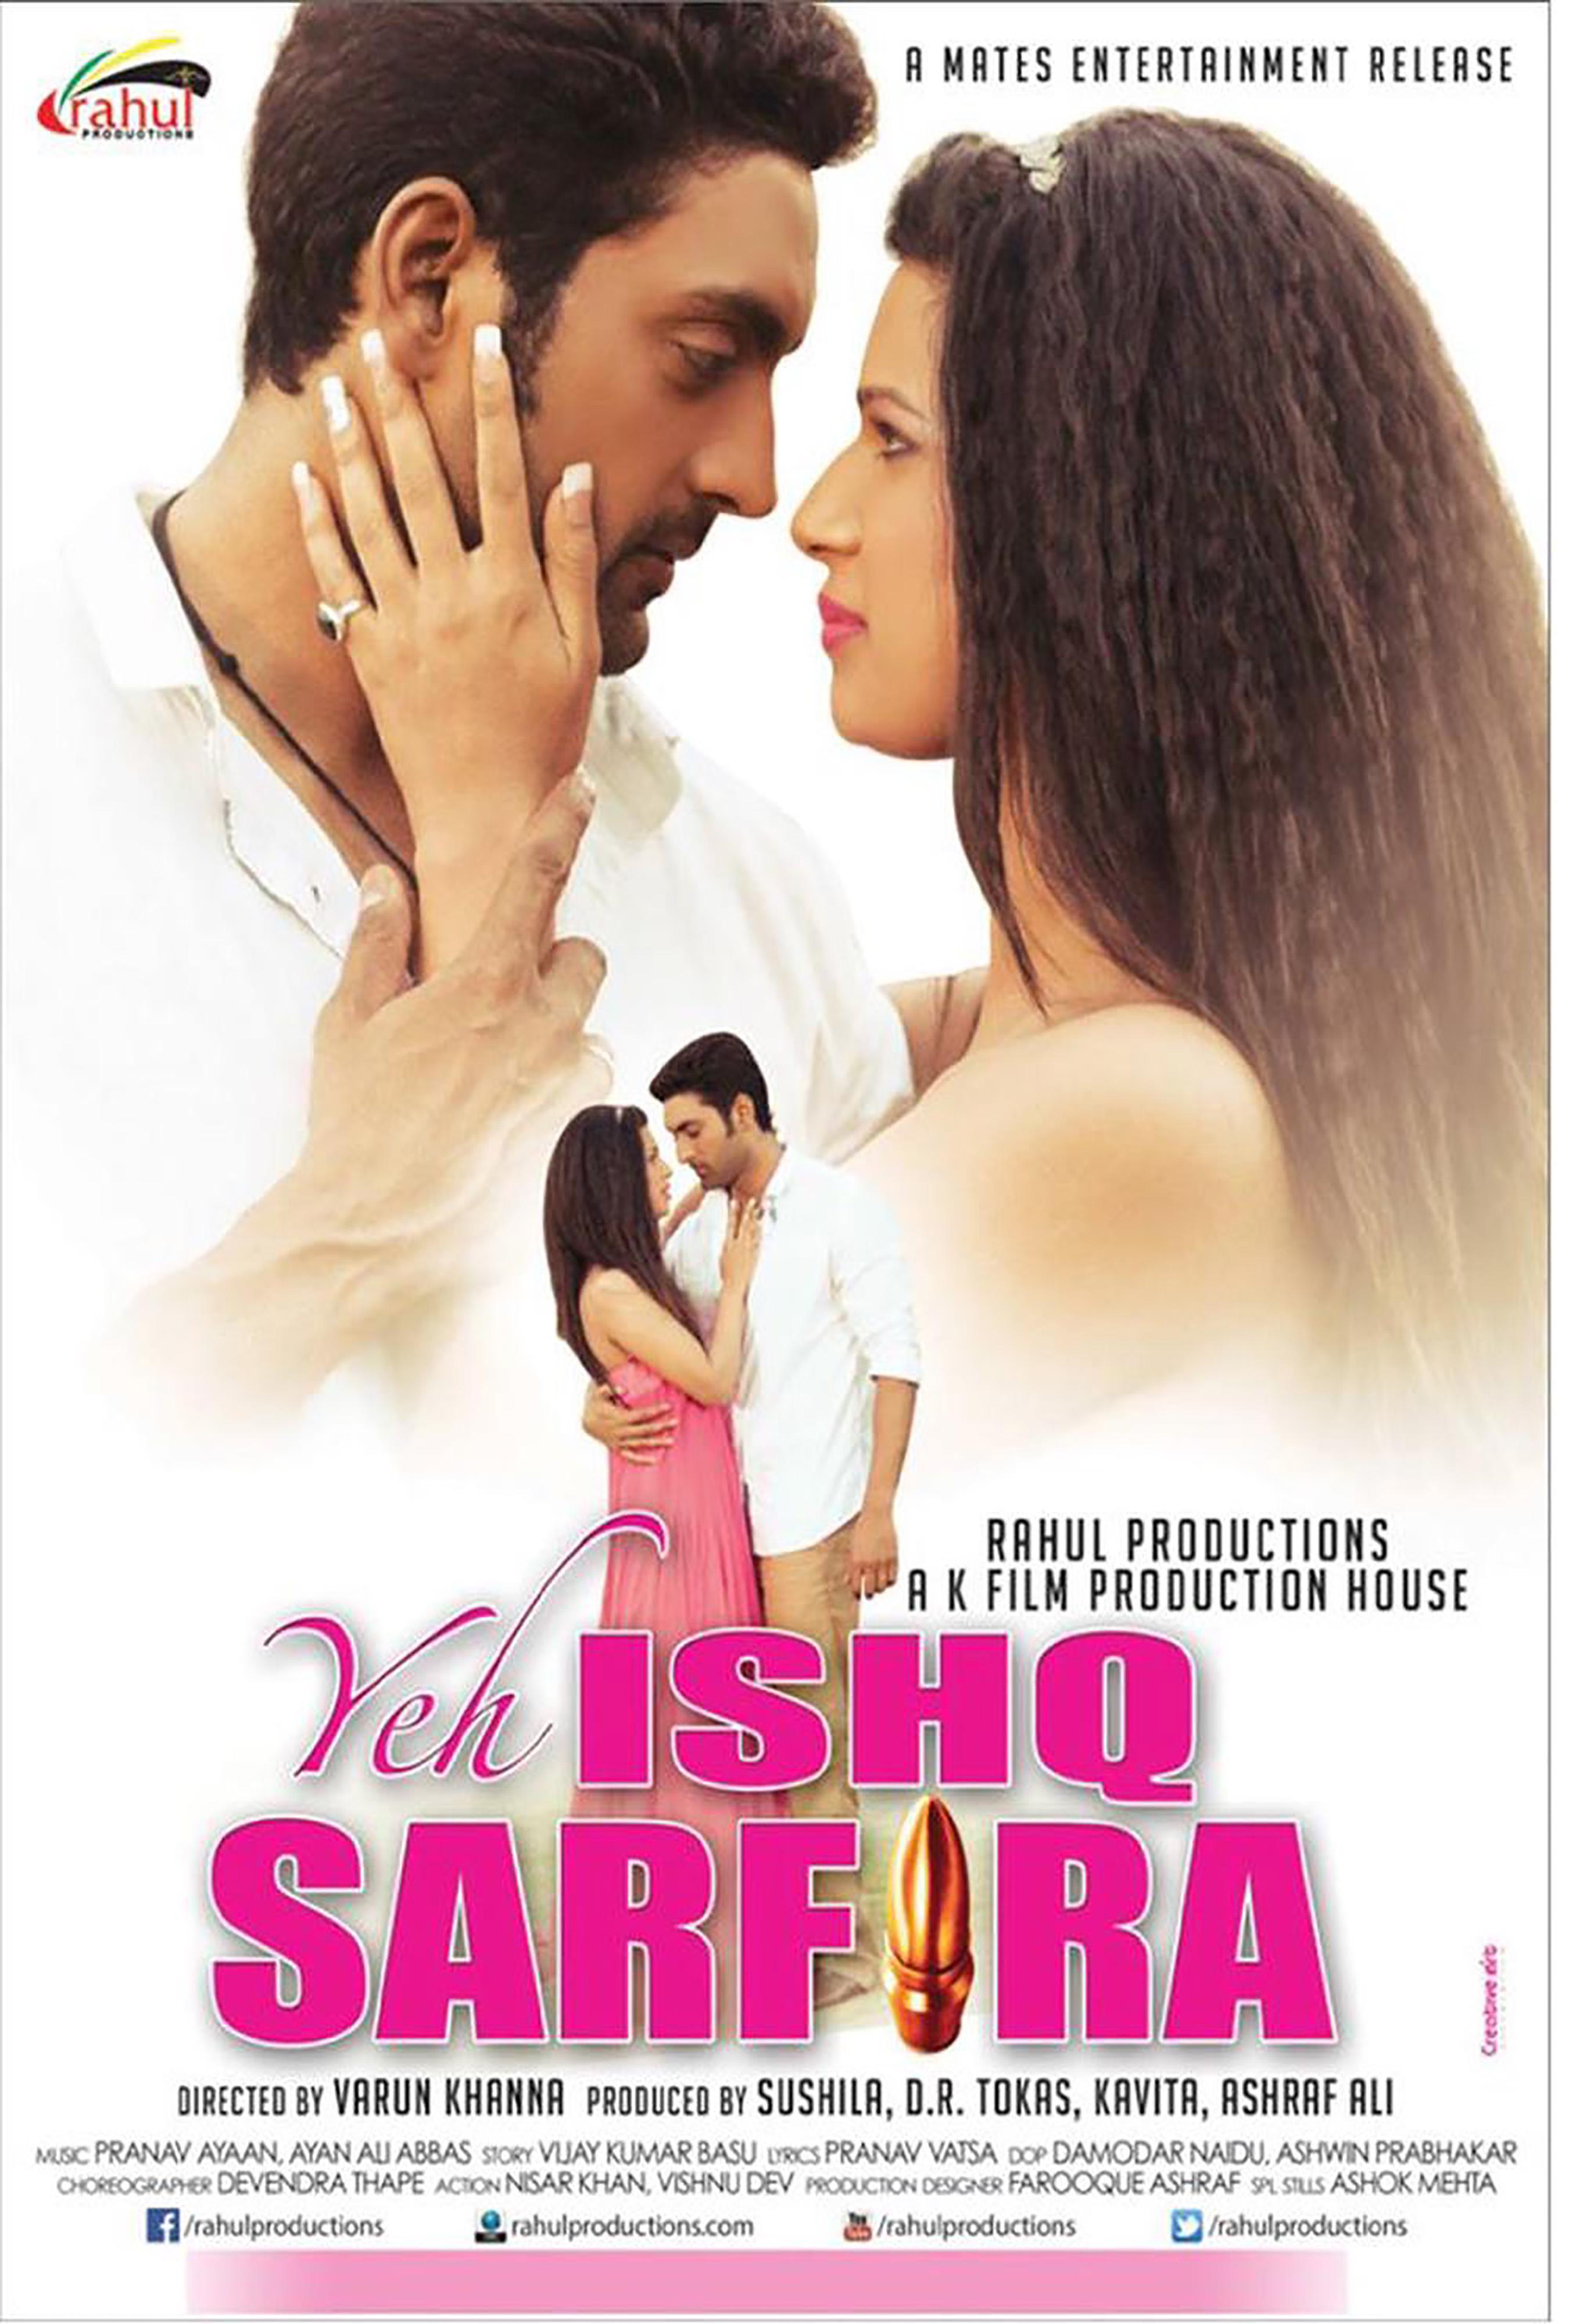 Yeh Ishq Sarfira Movie Review Hindi